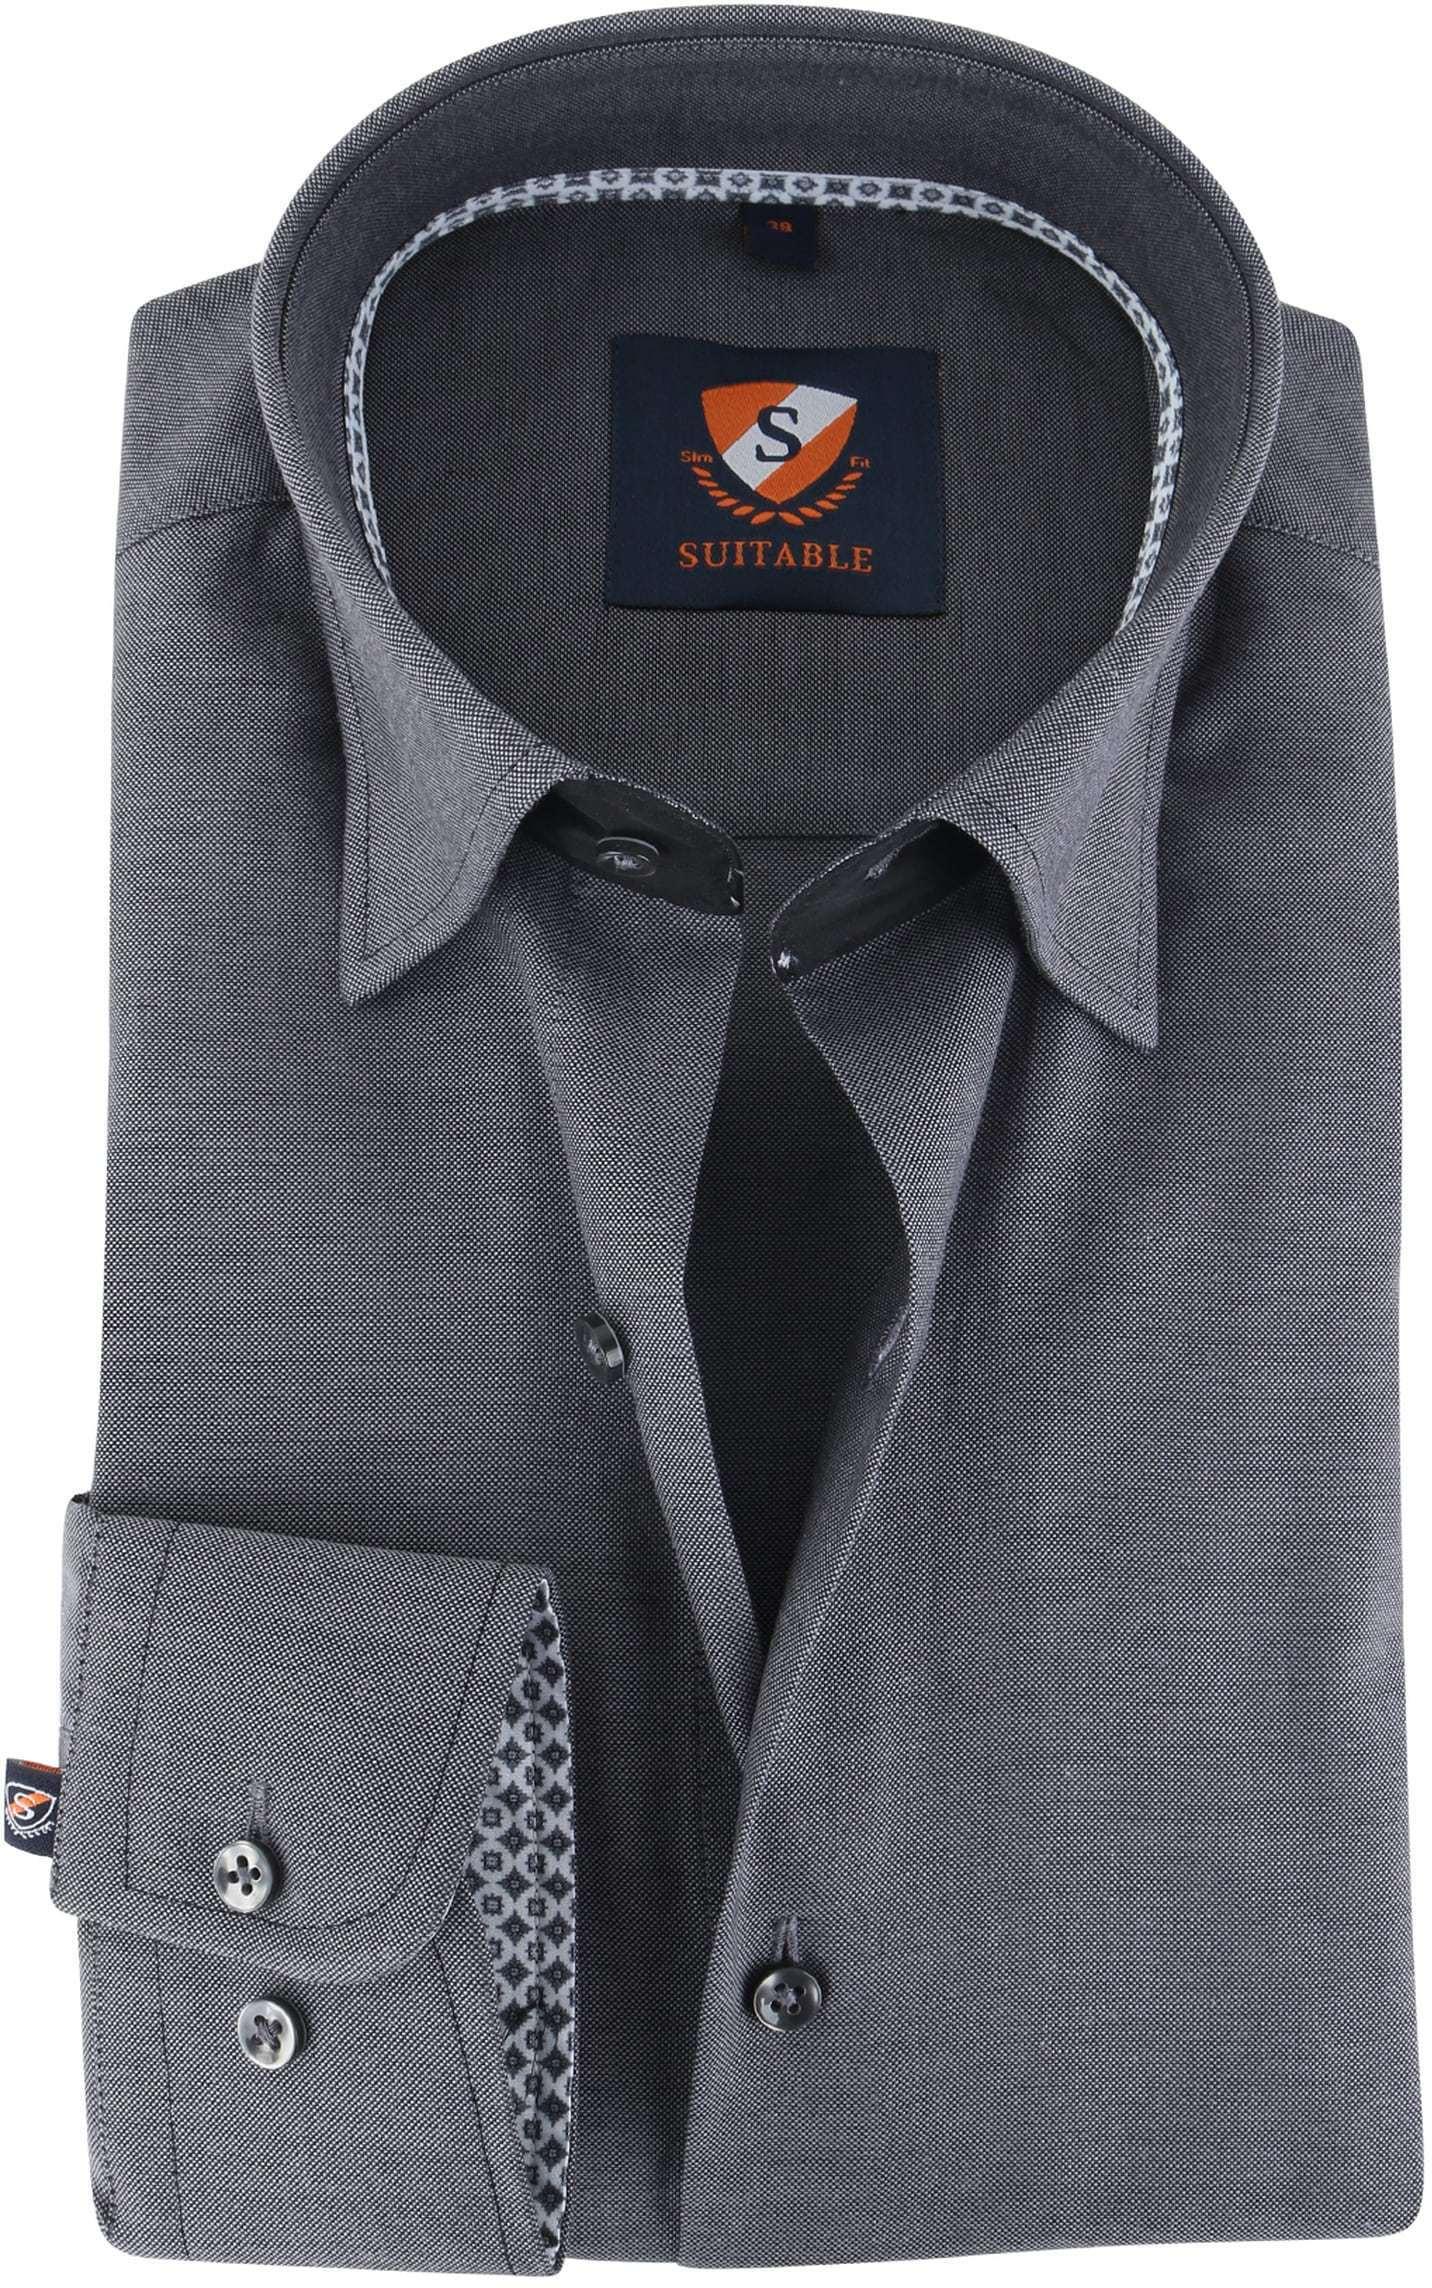 Suitable Overhemd Antraciet 141-7 foto 0